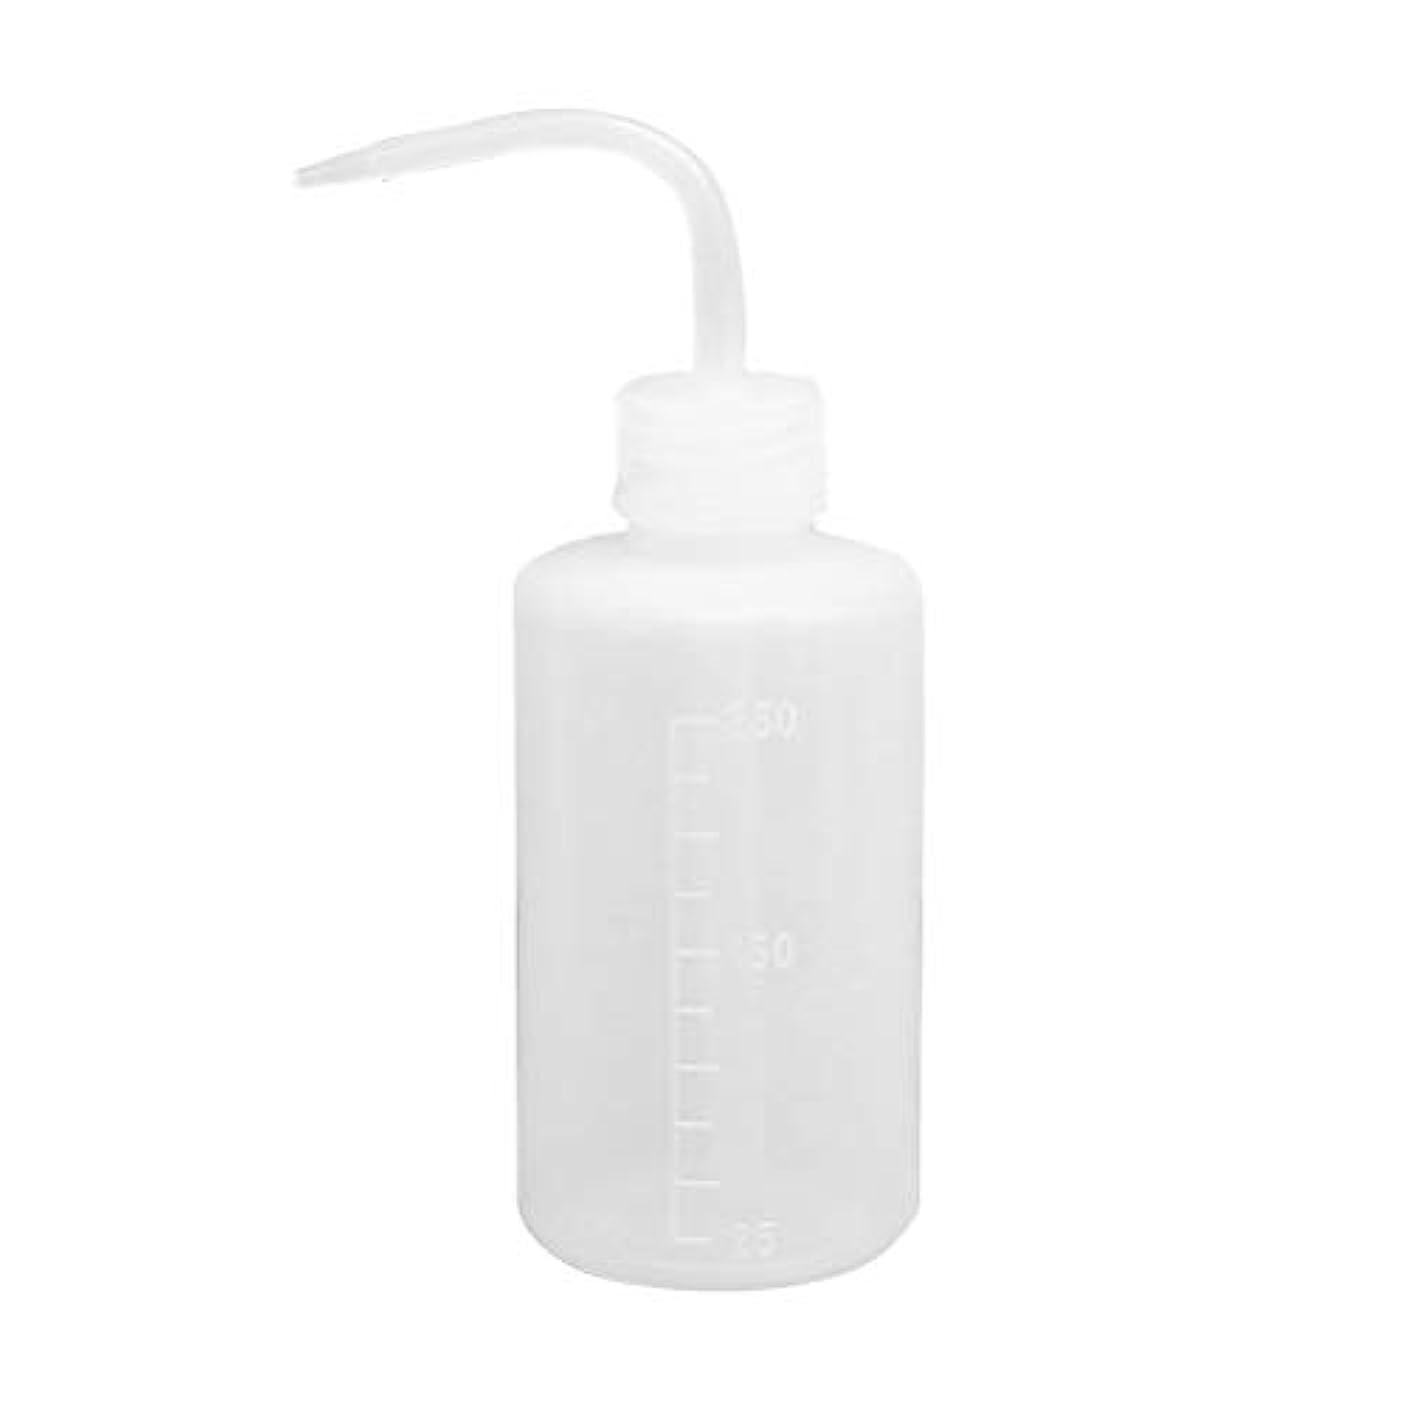 数字セーター感嘆Healifty ベント口付き洗浄瓶絞り瓶250ml